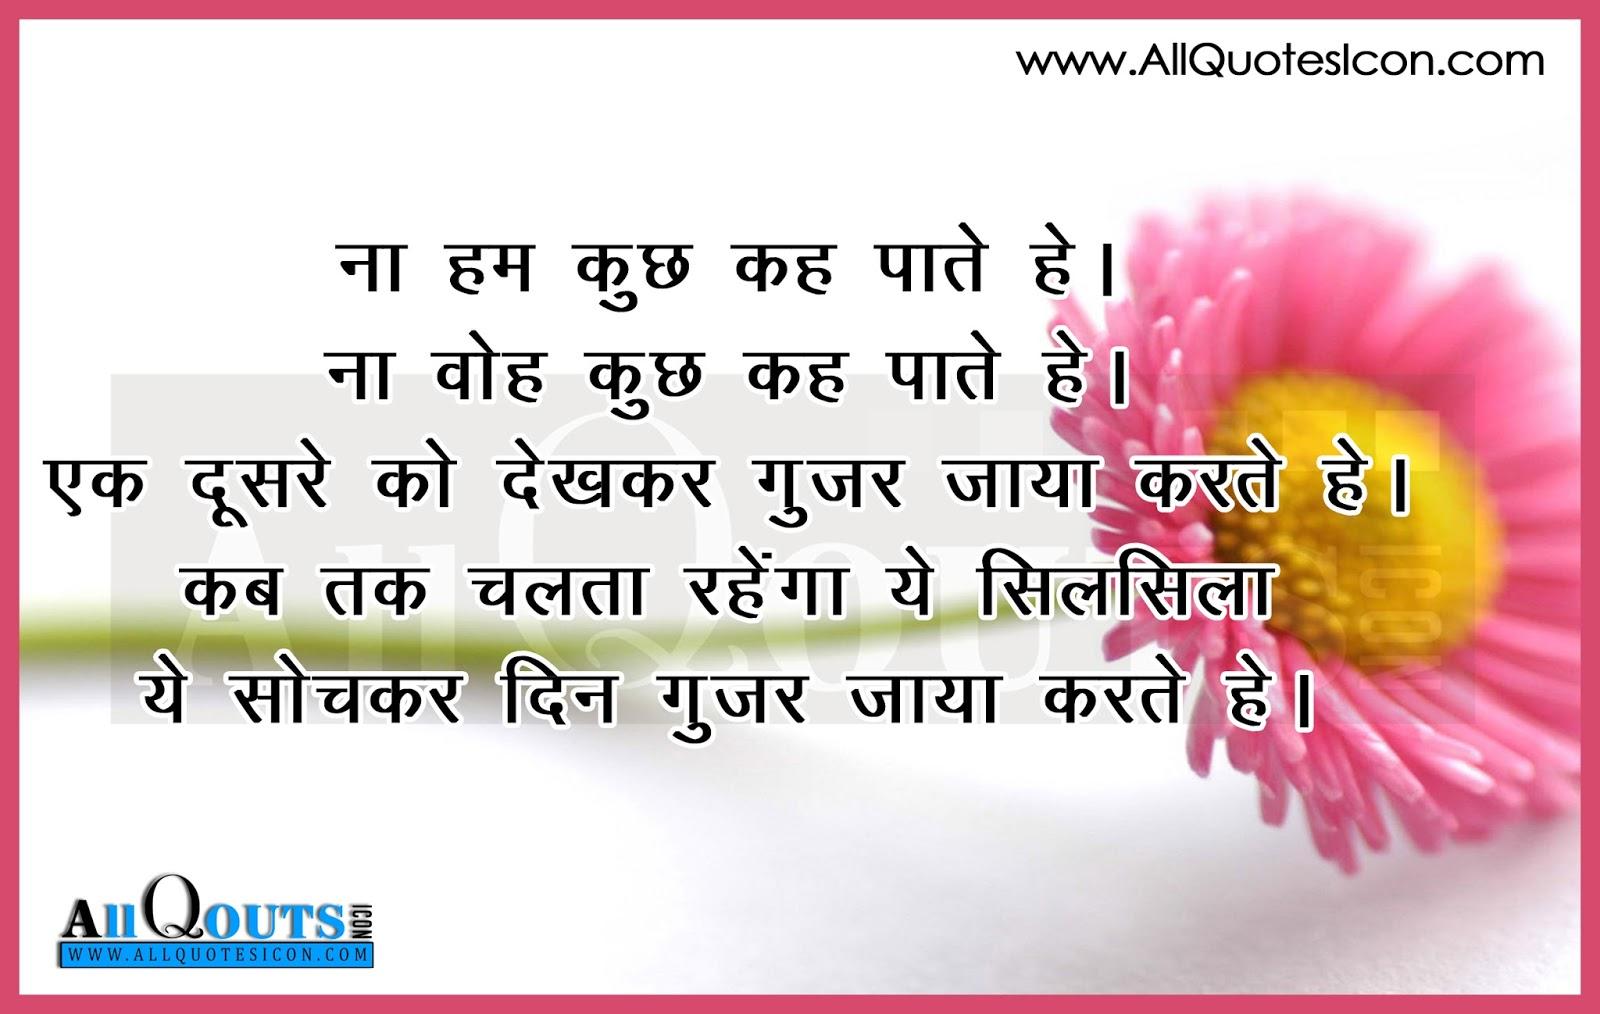 Hindi Romantic Shayari HD Wallpapers Best Thoughts and ...